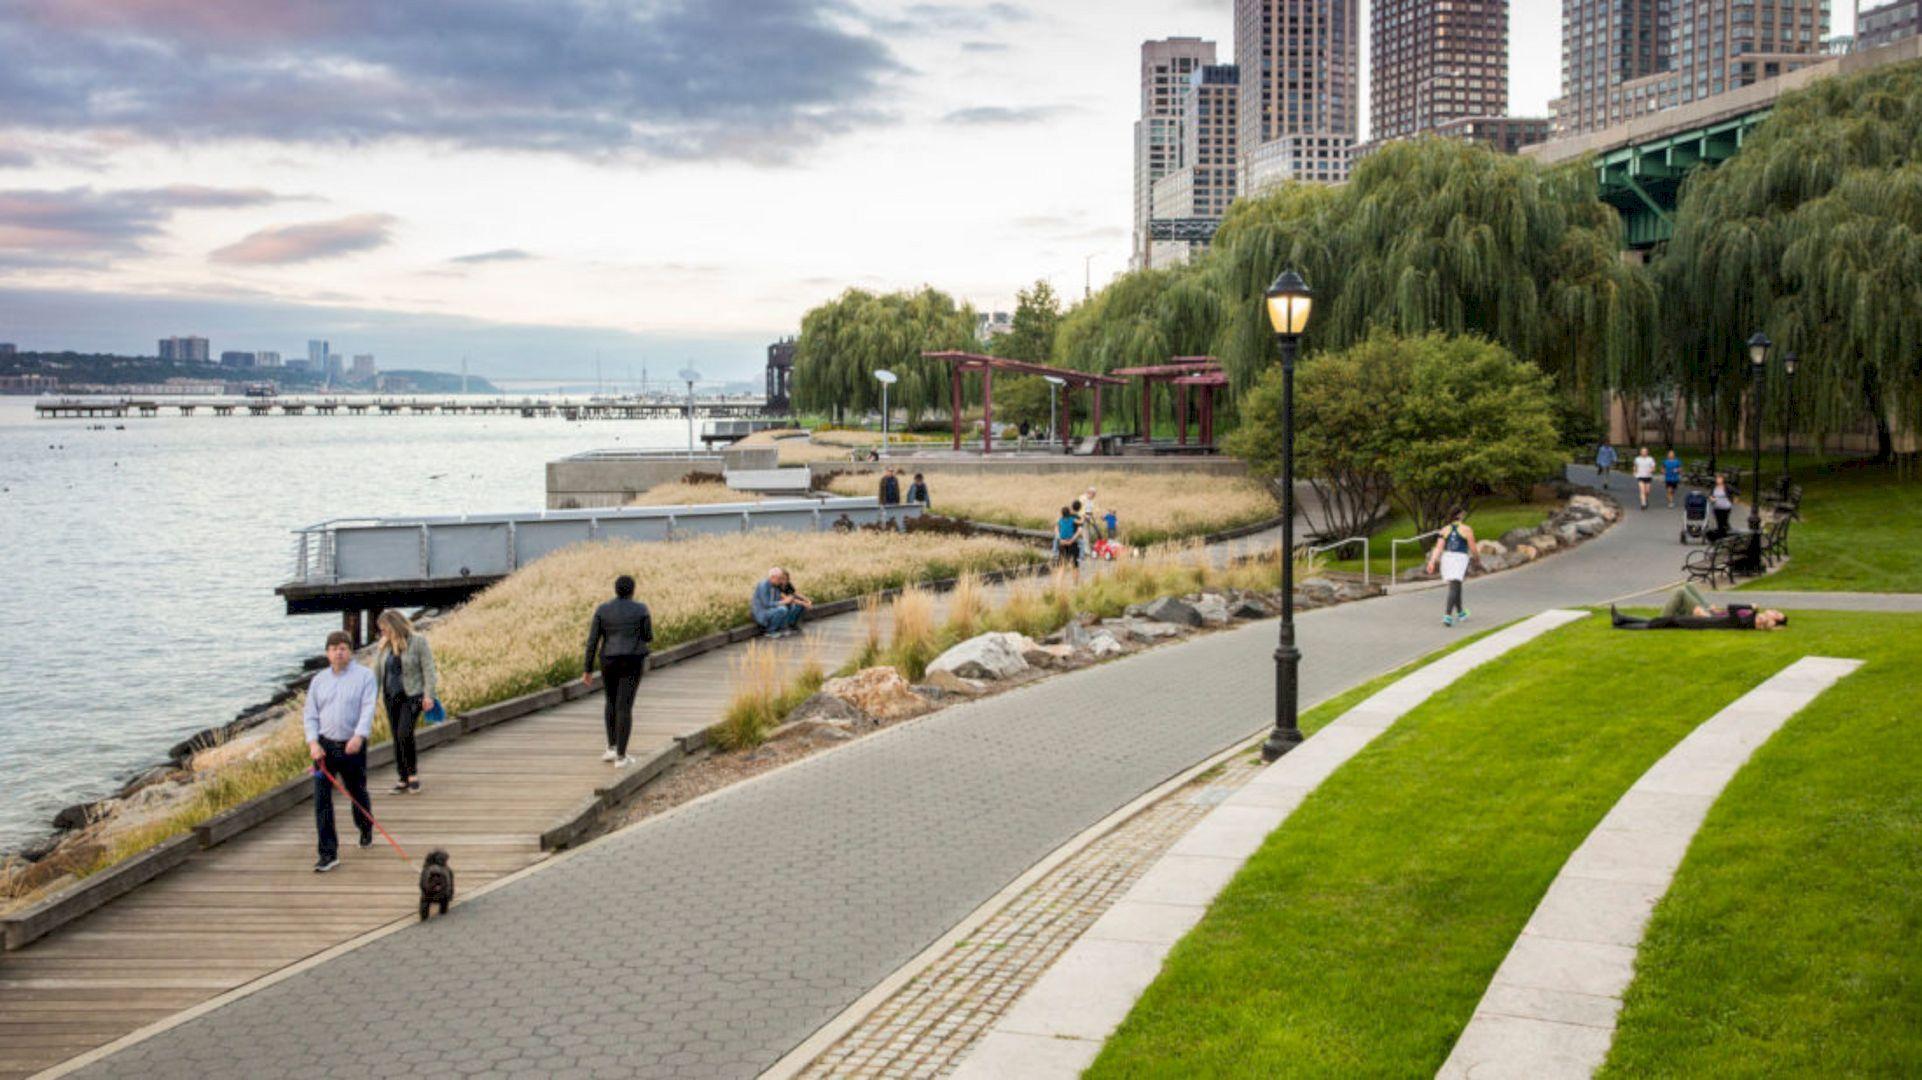 Riverside Park South A Massive Park On The Scenic Hudson River Shoreline Riverside Park Riverside Park Landscape